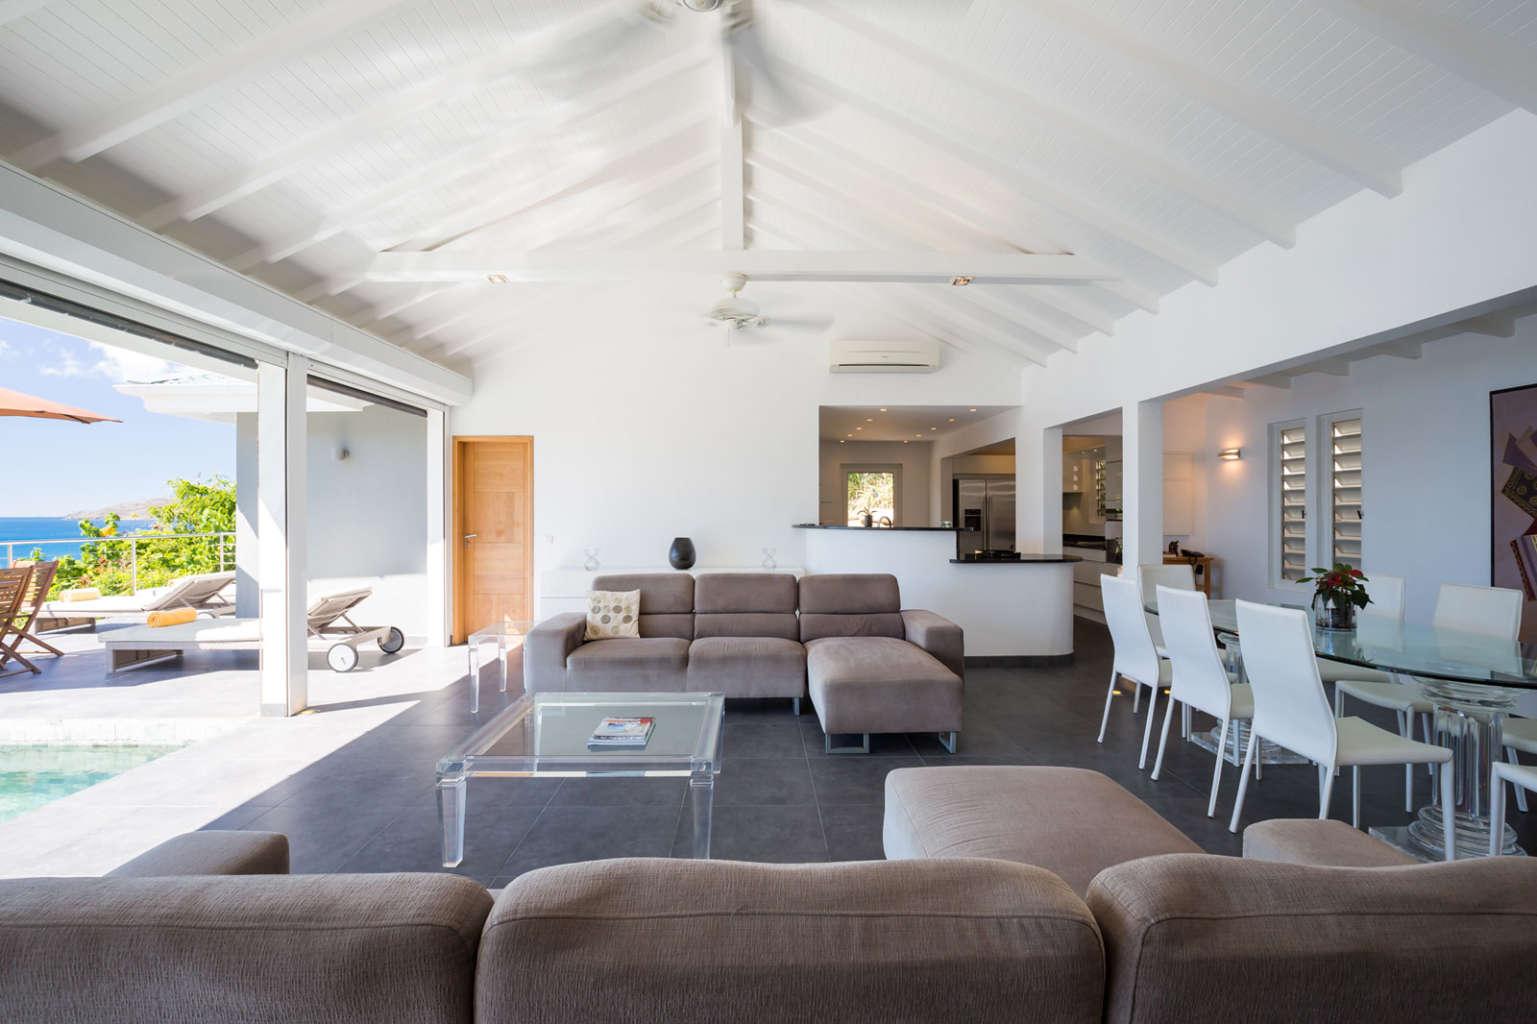 Villa Mirande - 4 Bedroom Villa Rental St Barth Height of Pointe Milou - Living room